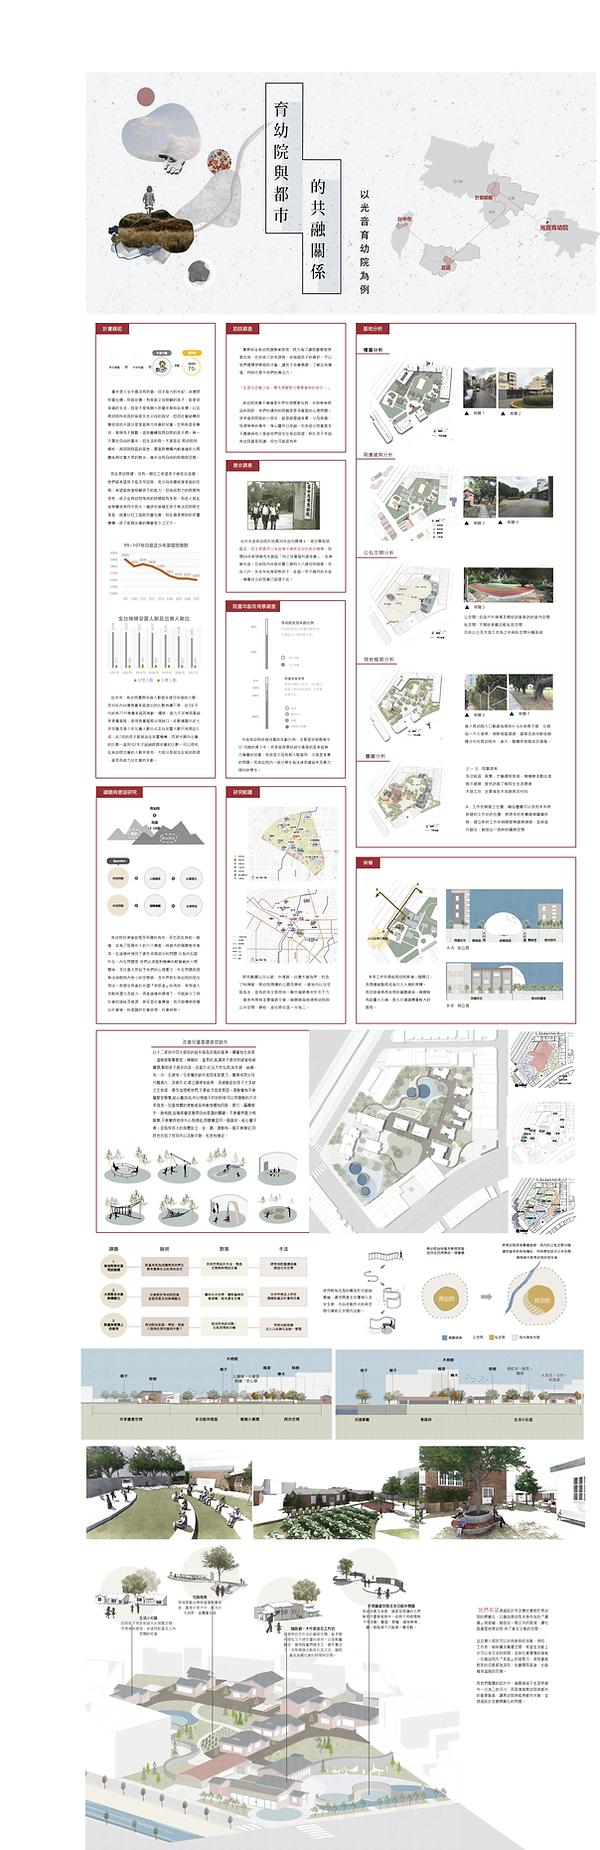 B05育幼院與都市的共融關係-作品內容.png